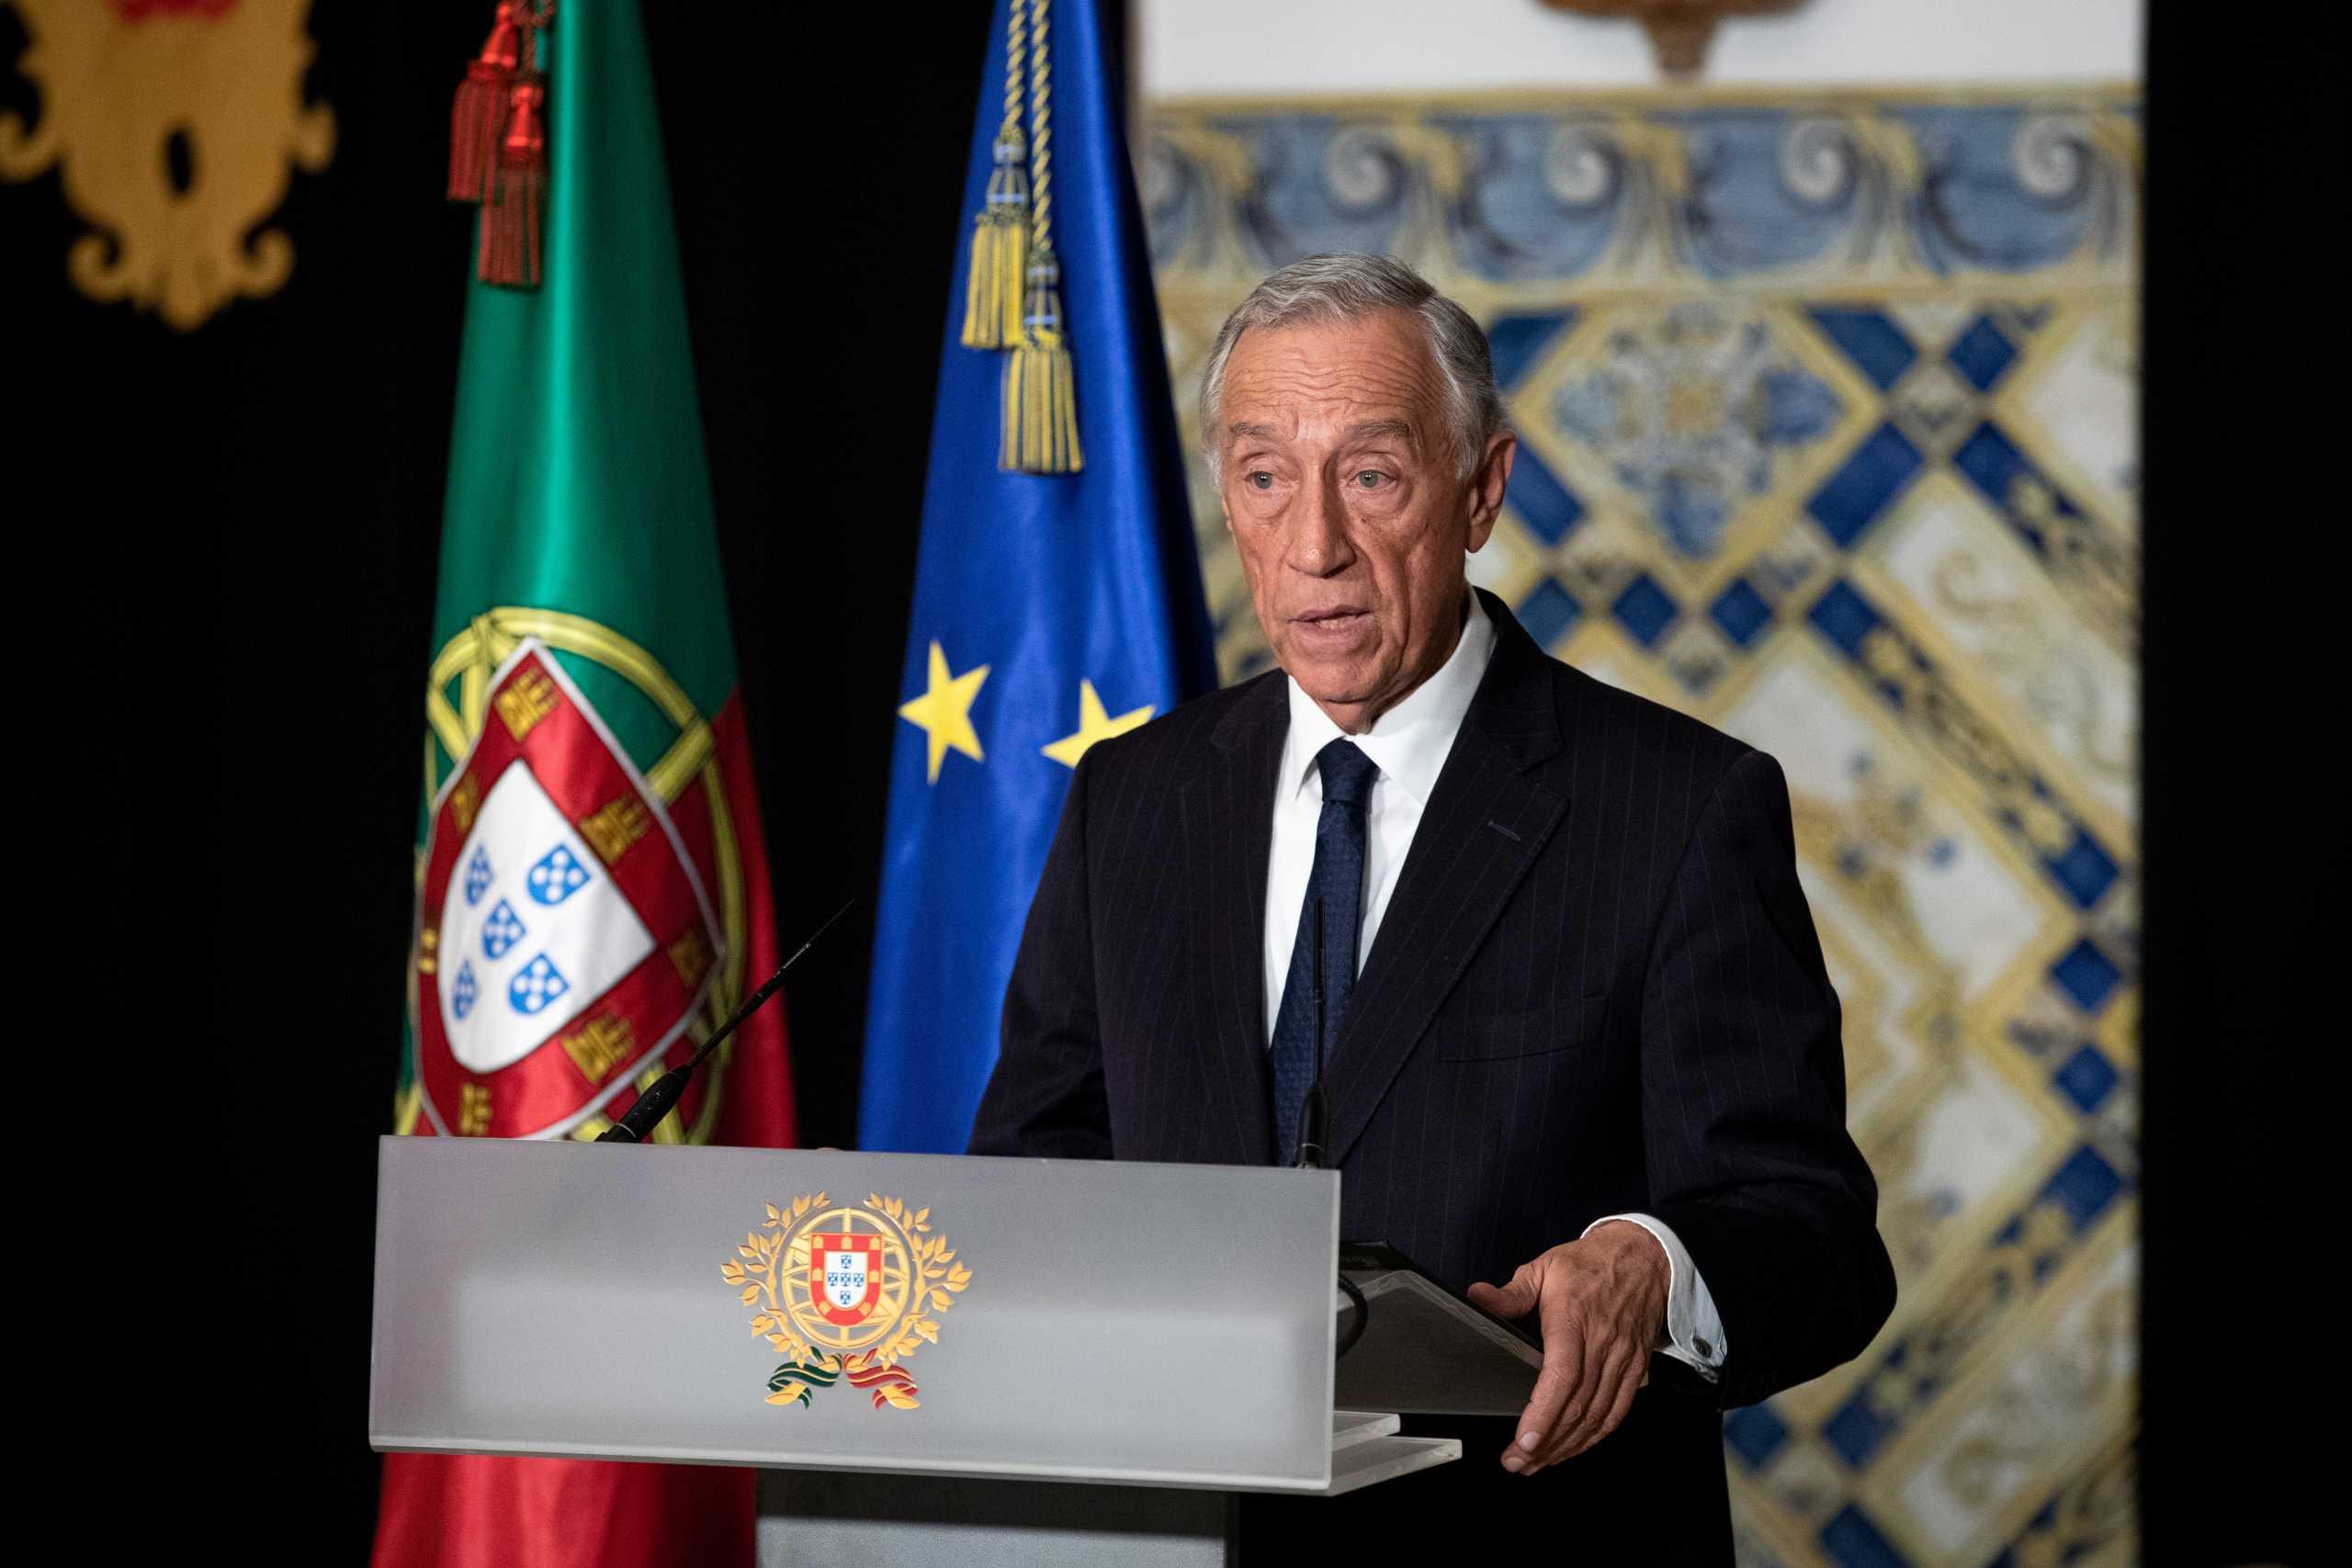 Κορονοϊός: Αρνητικό και το δεύτερο τεστ του προέδρου της Πορτογαλίας – Ετοιμάζεται για τις εκλογές